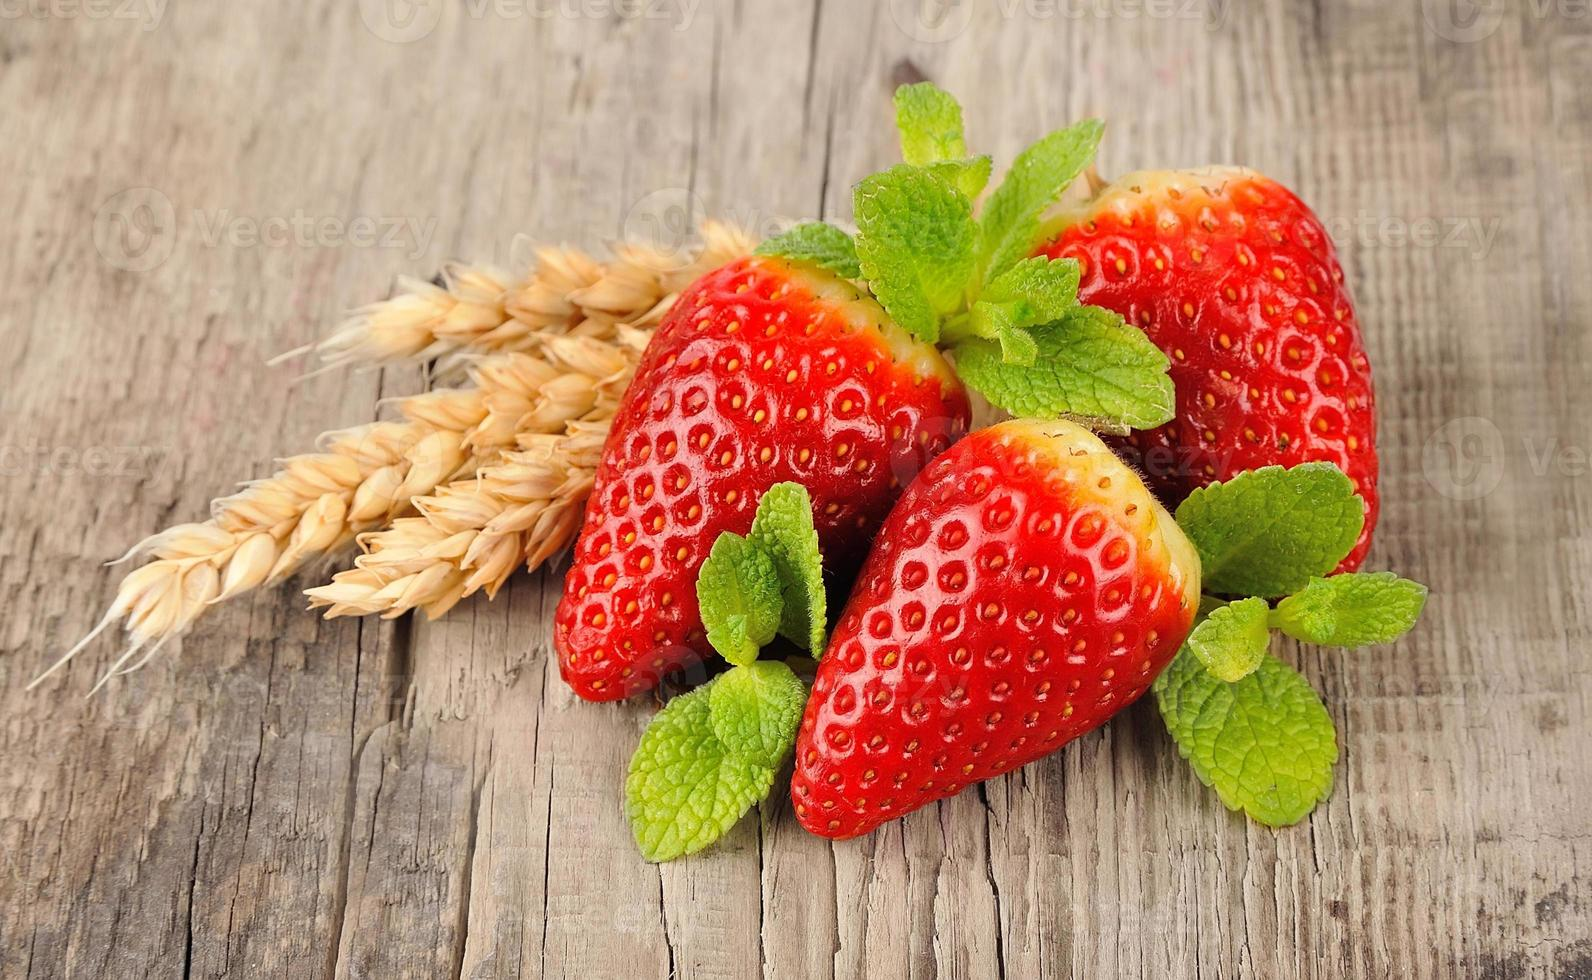 fraise douce photo